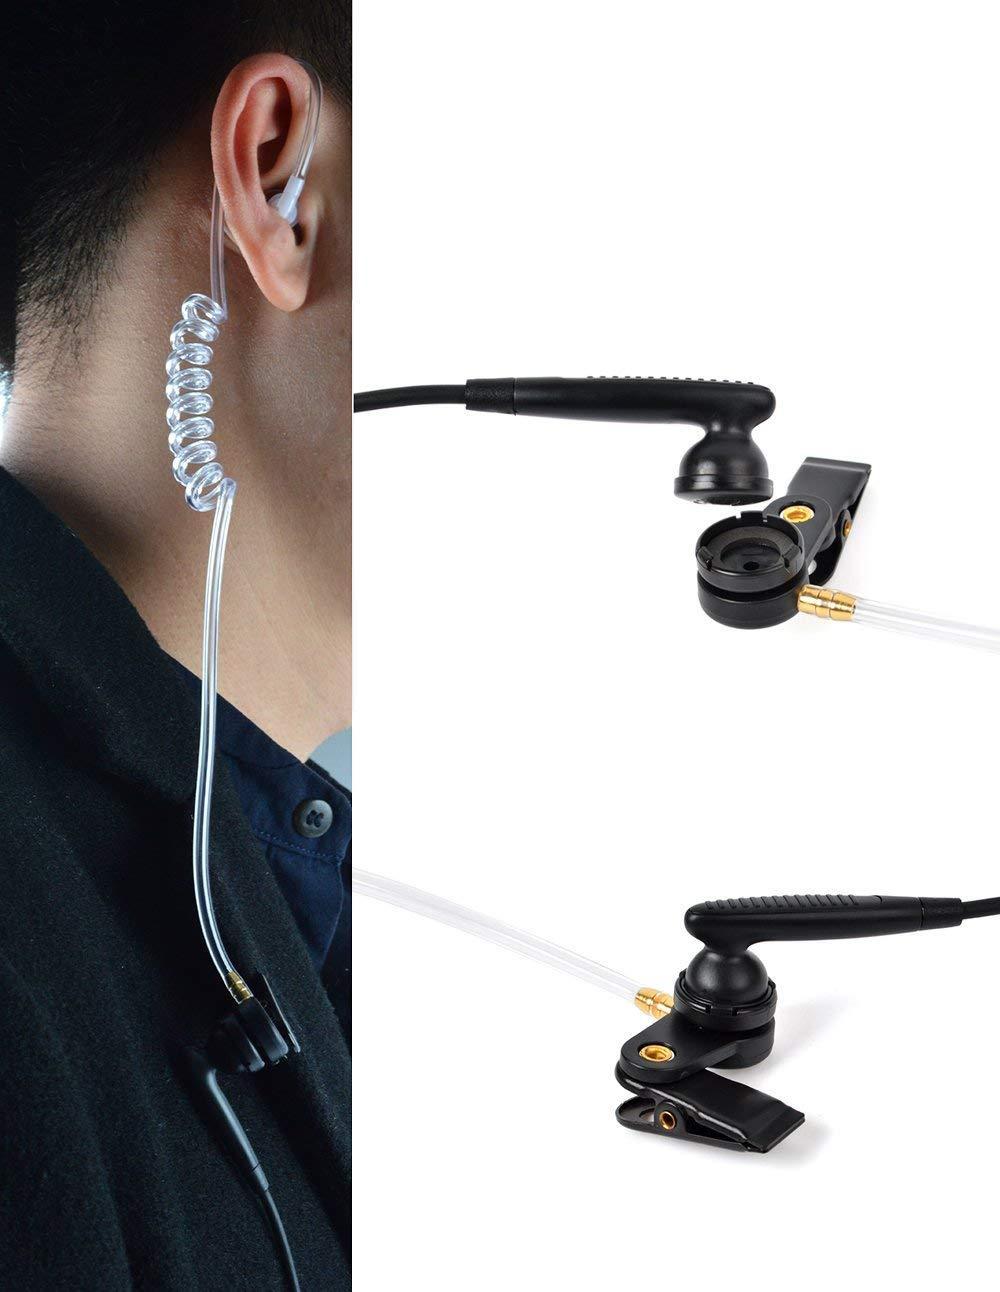 帶有VOX語音調節的耳挂式&透明管耳機KHYS02-K 4